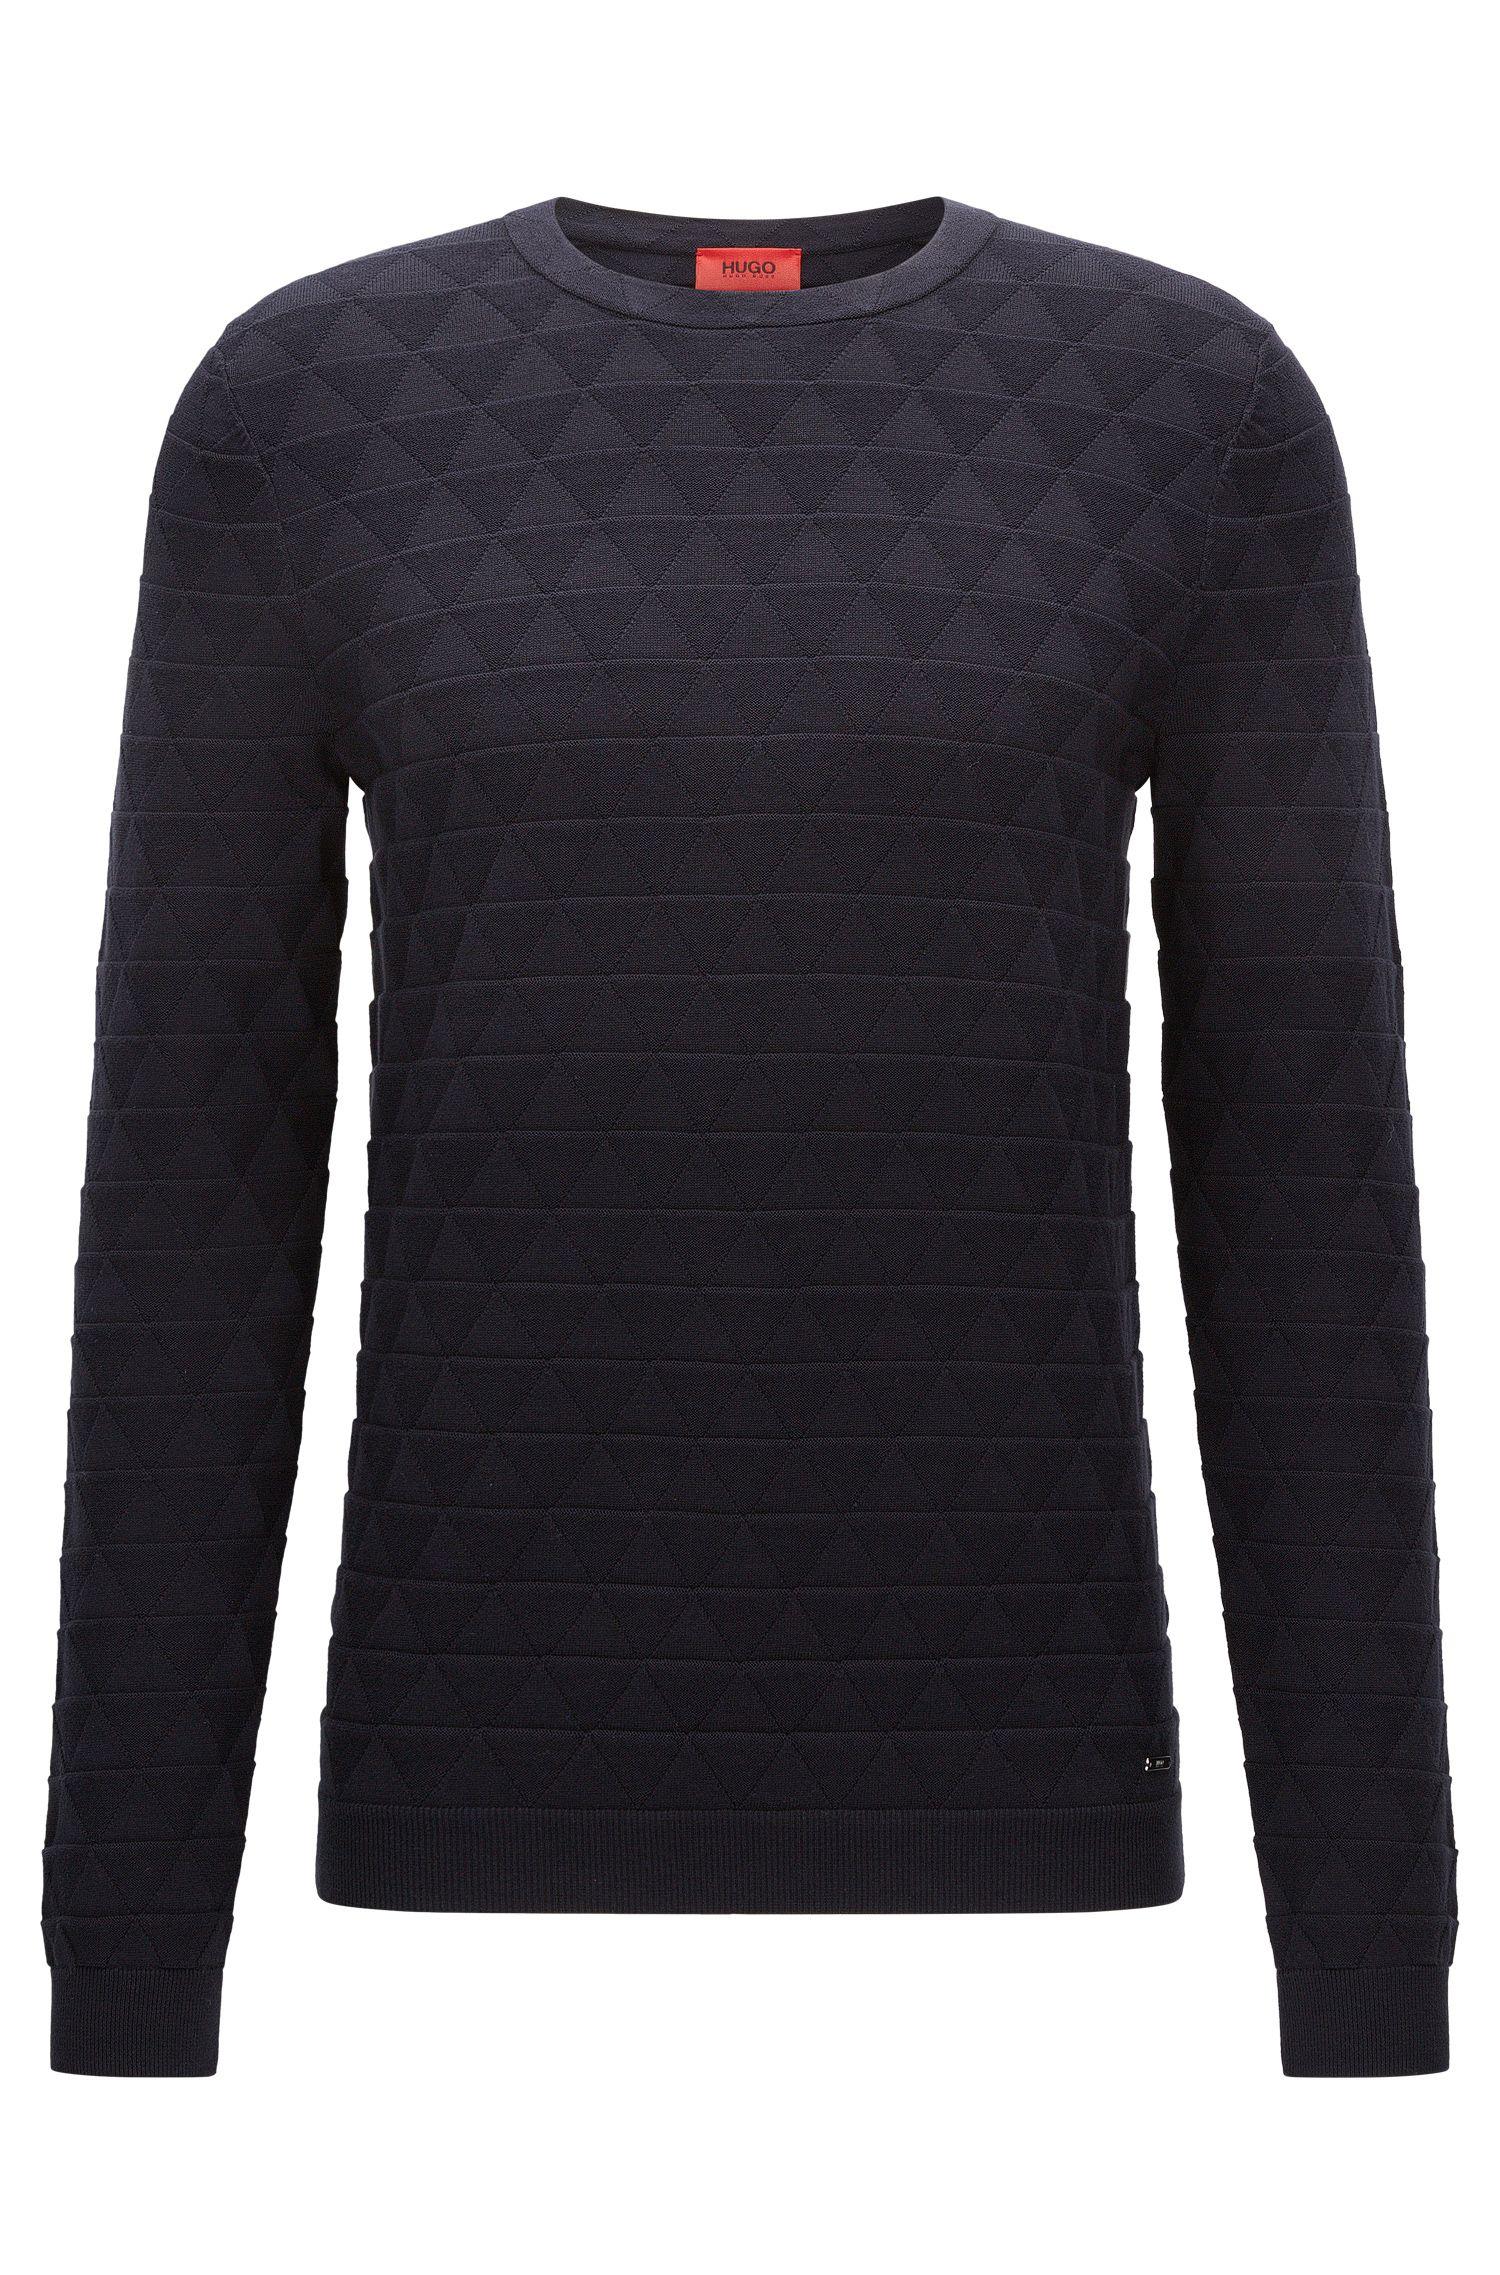 Triangle Knit Sweater | Sebastio